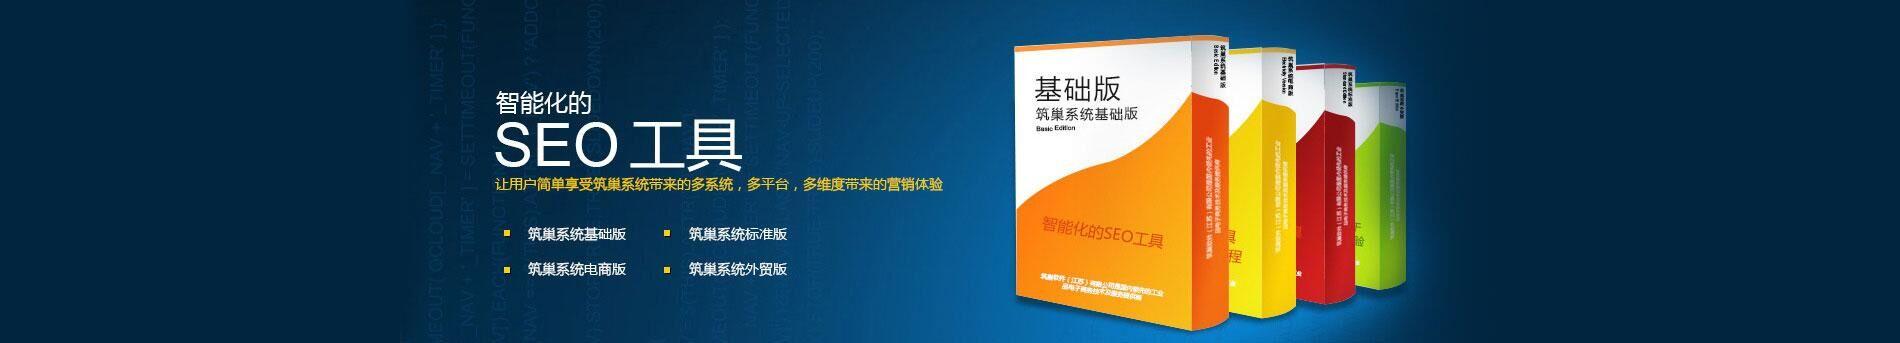 筑巢系统企业电商营销网站